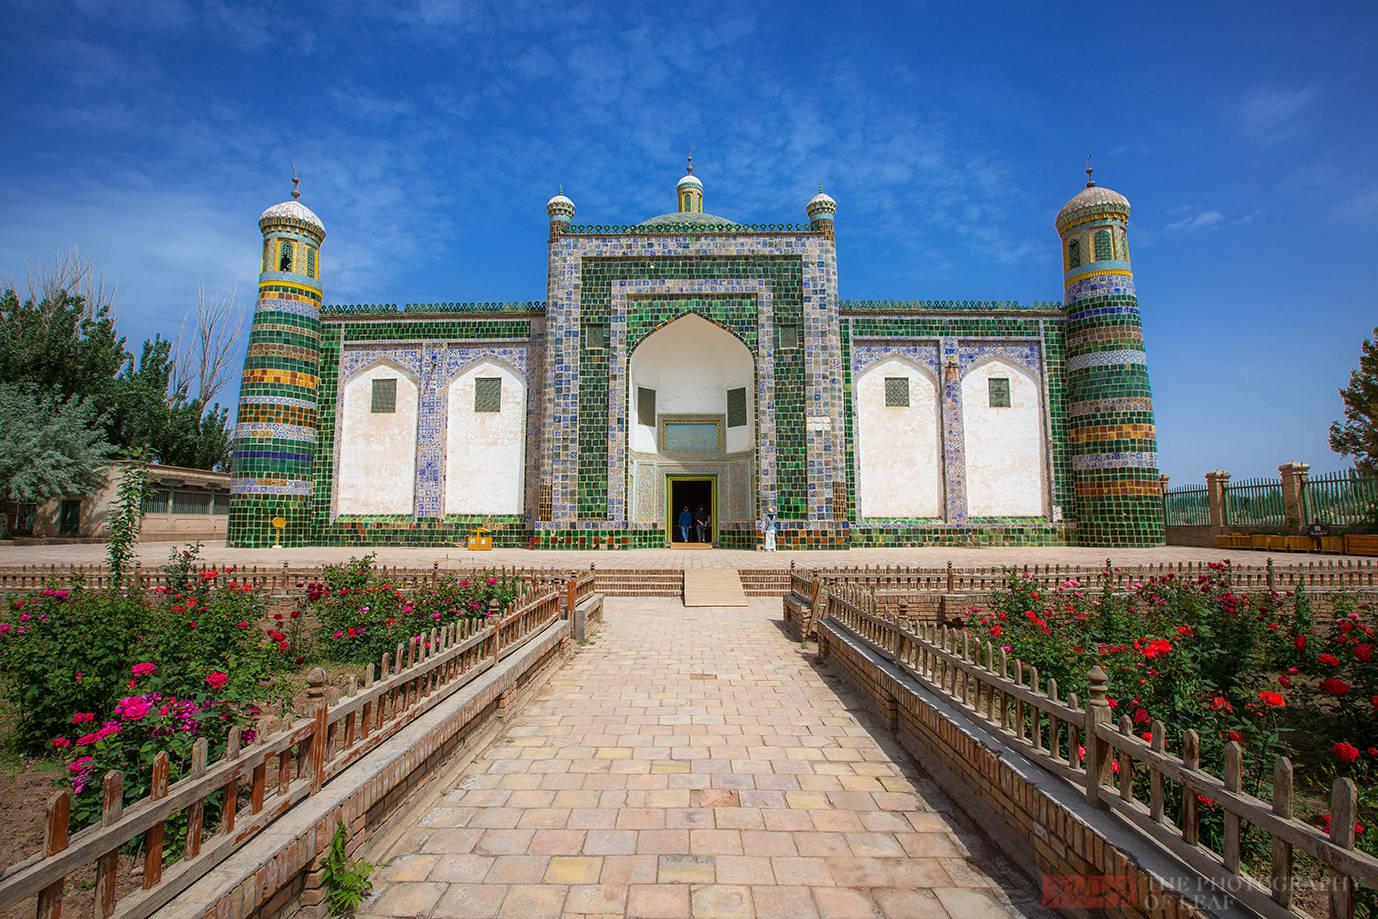 历史上真有香妃这个人吗?新疆喀什有座香妃墓,还原那段真实的历史